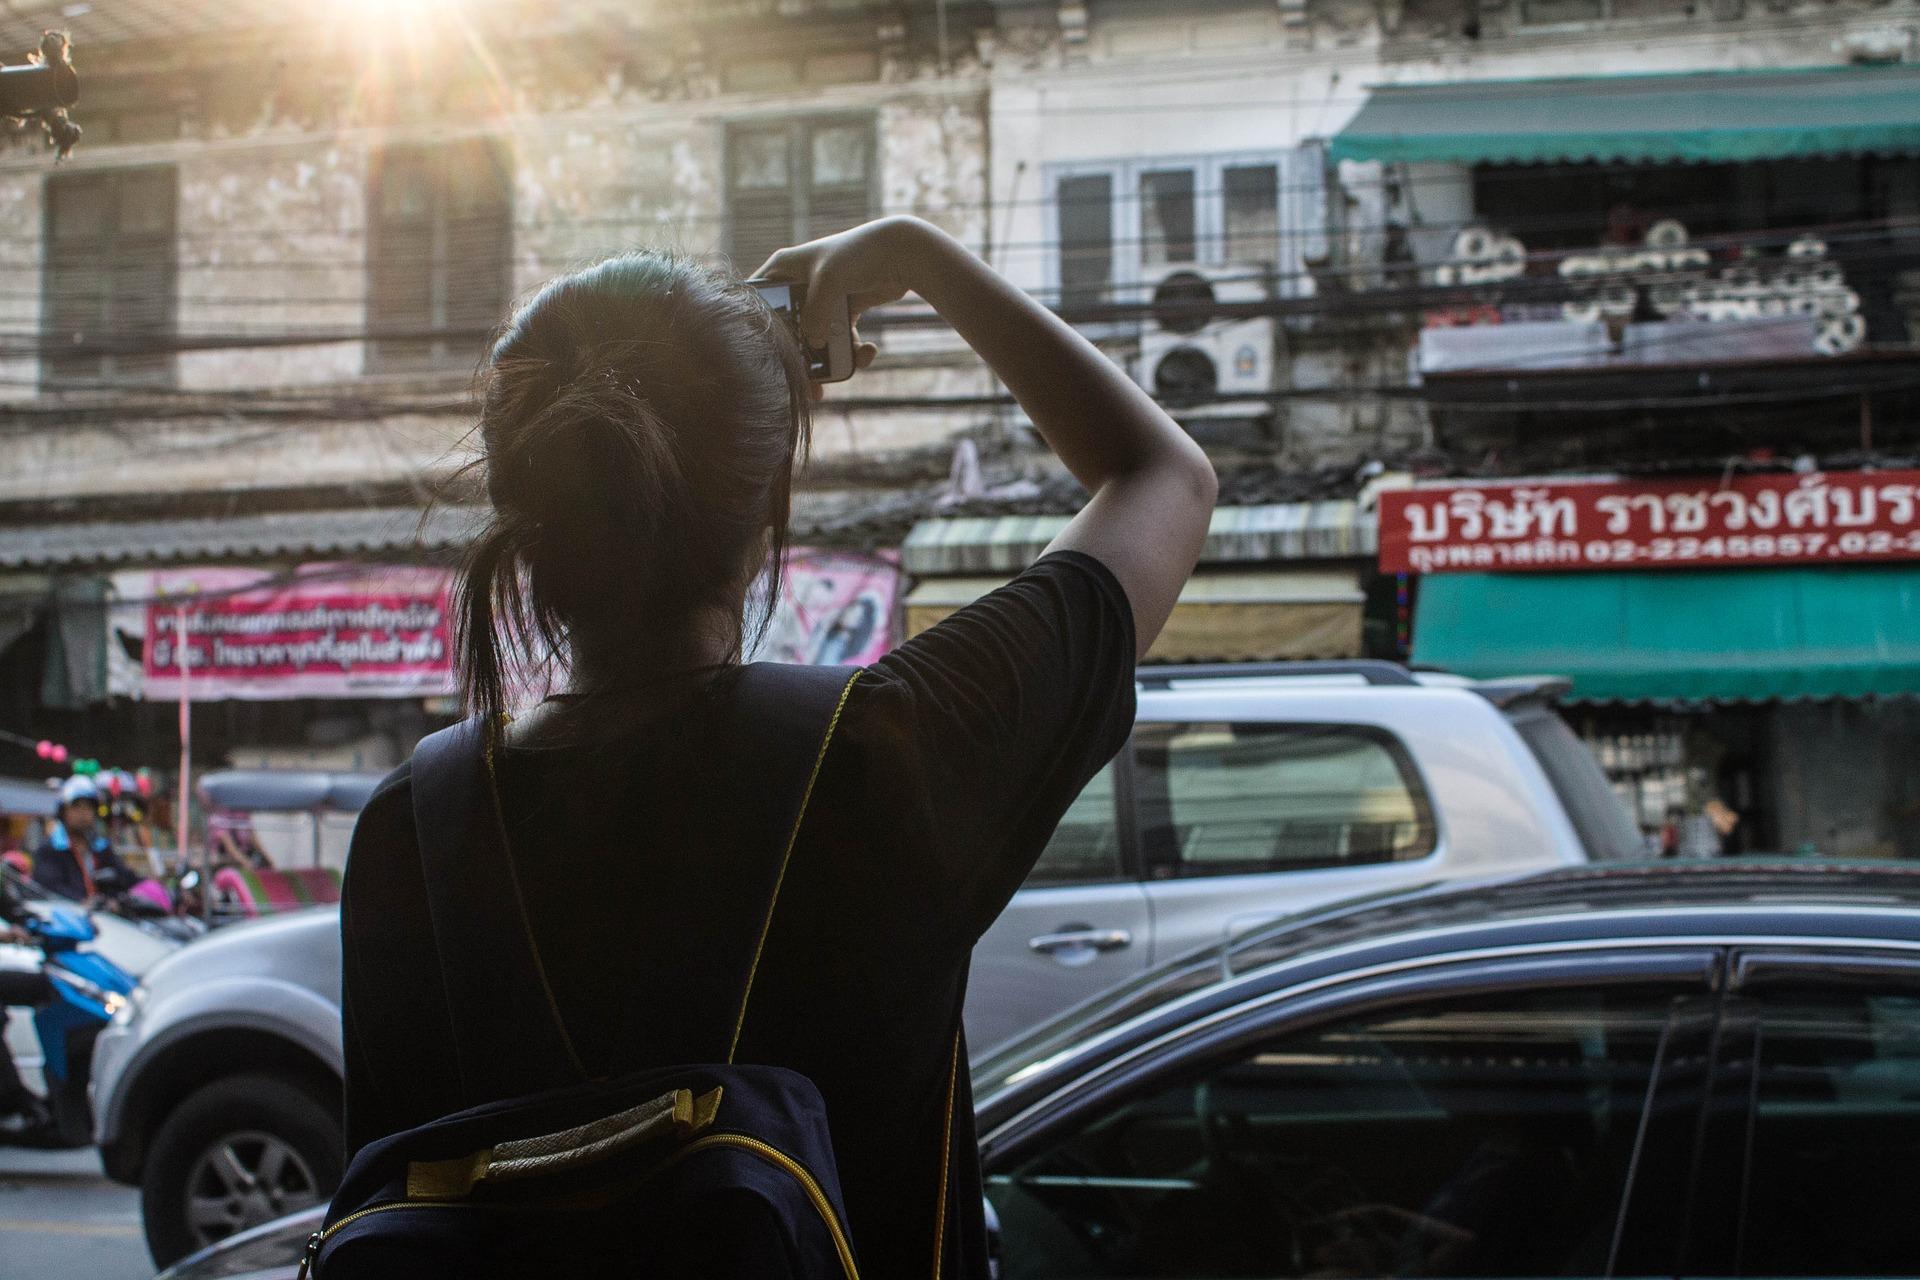 Reisen nur mit Handgepäck: Stadt erkunden ohne großes Gepäck.